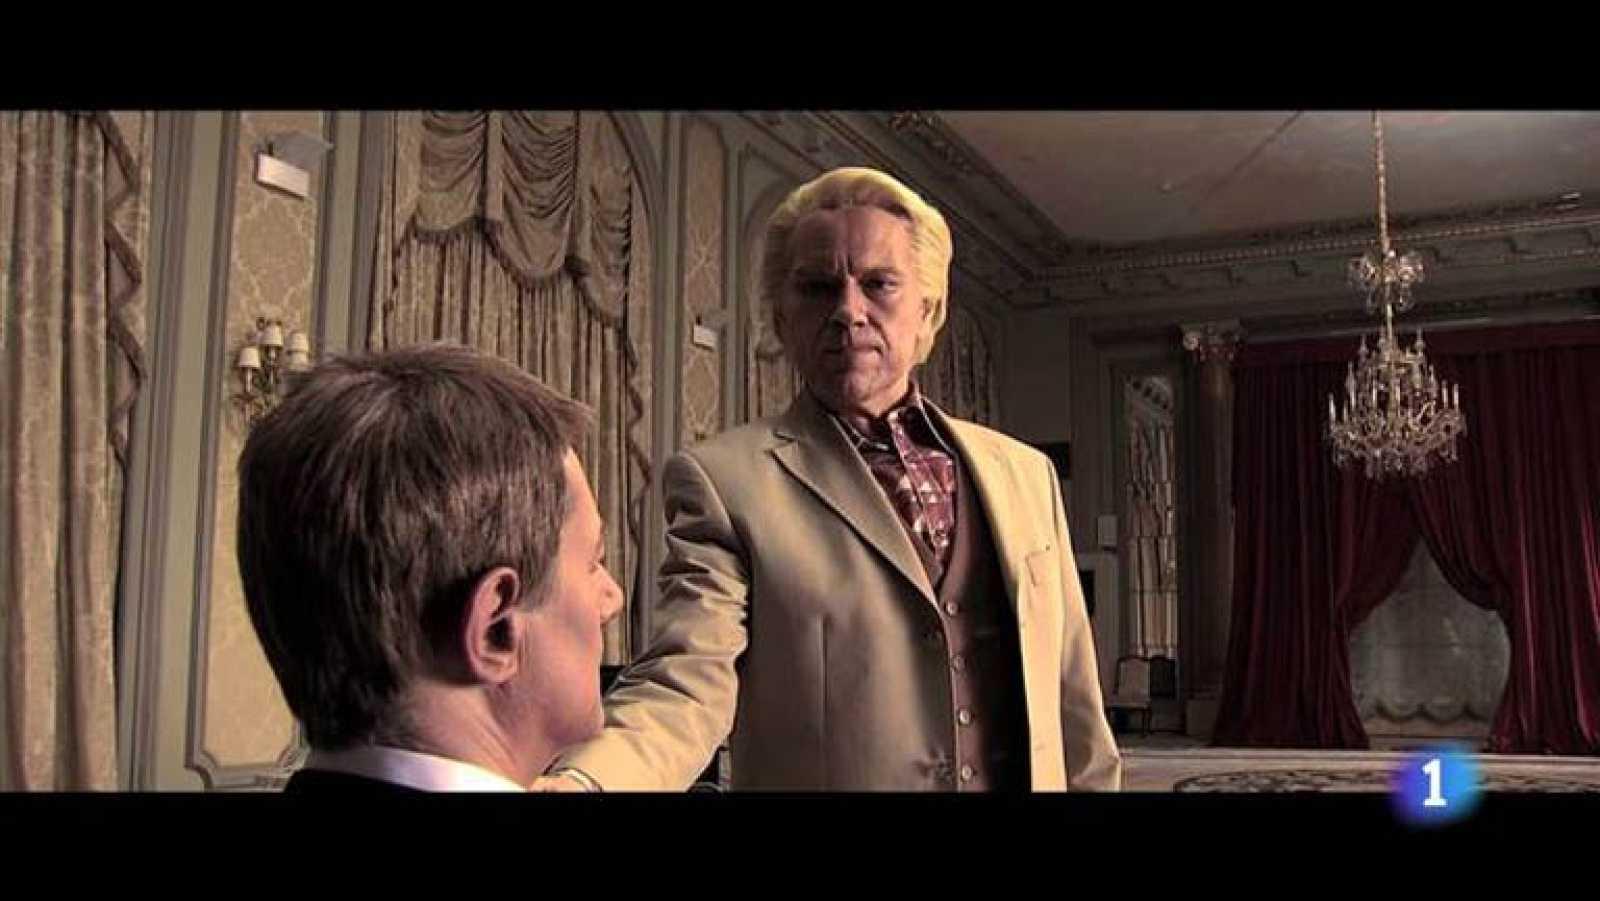 Especial Nochevieja 2012 - Hotel 13 estrellas 12 uvas - Santiago Segura es Javier Bardem en 'Skyfall' - ver vídeo